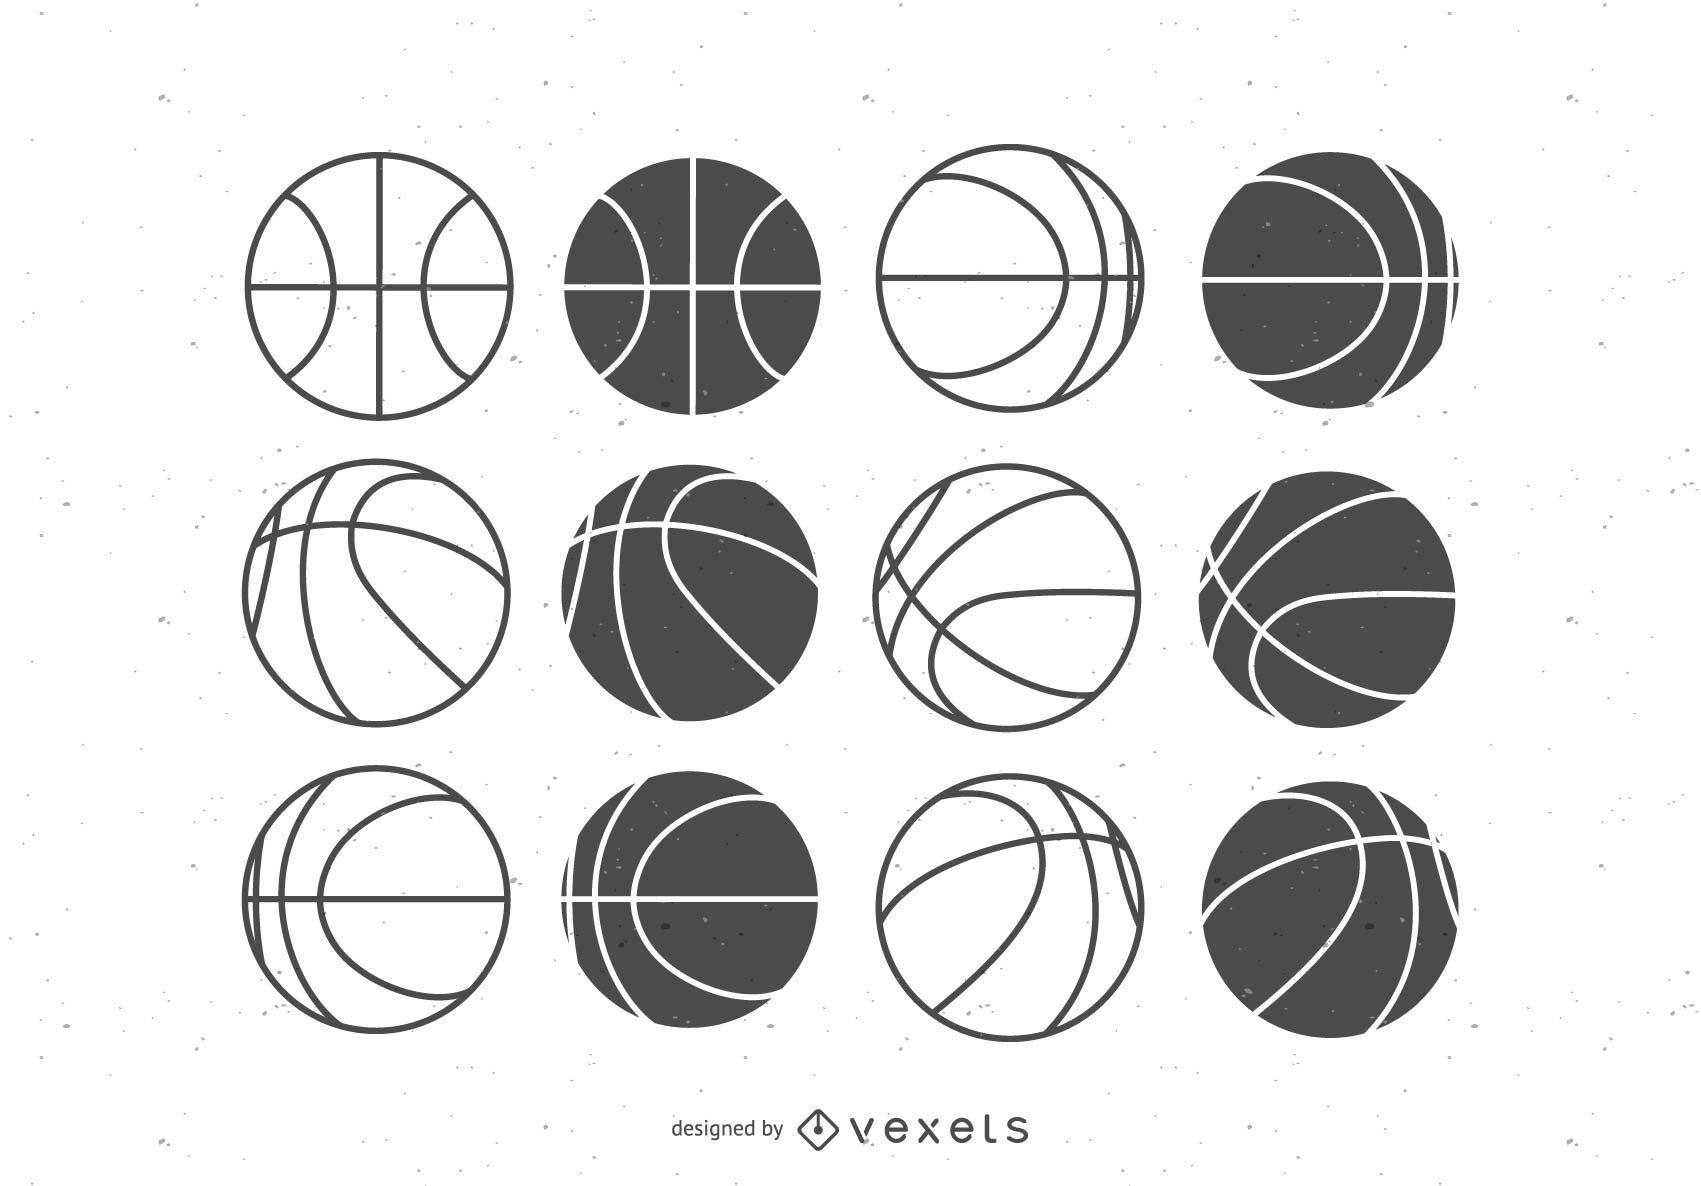 fcfa65c1a02 Balones de baloncesto set planos - Descargar vector